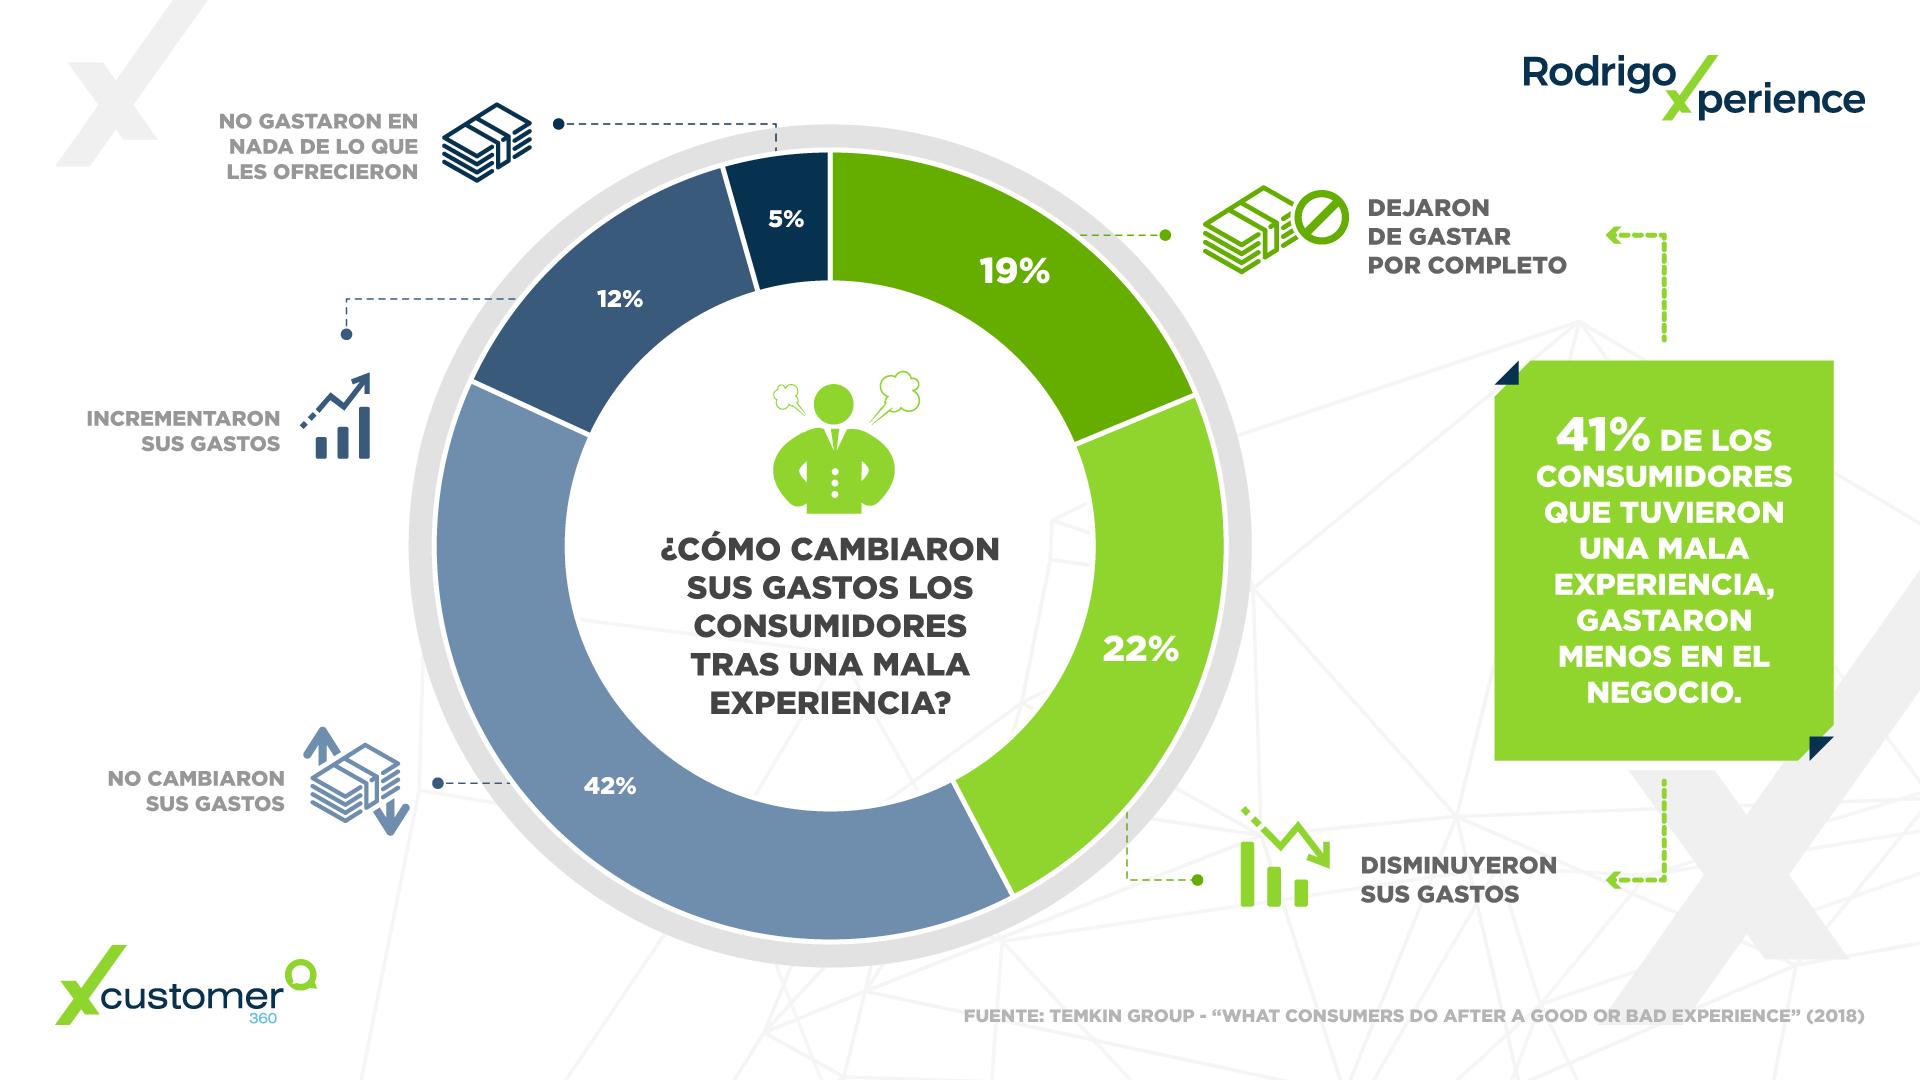 Infografía CX | ¿Cómo cambian sus gastos los consumidores tras una mala experiencia?